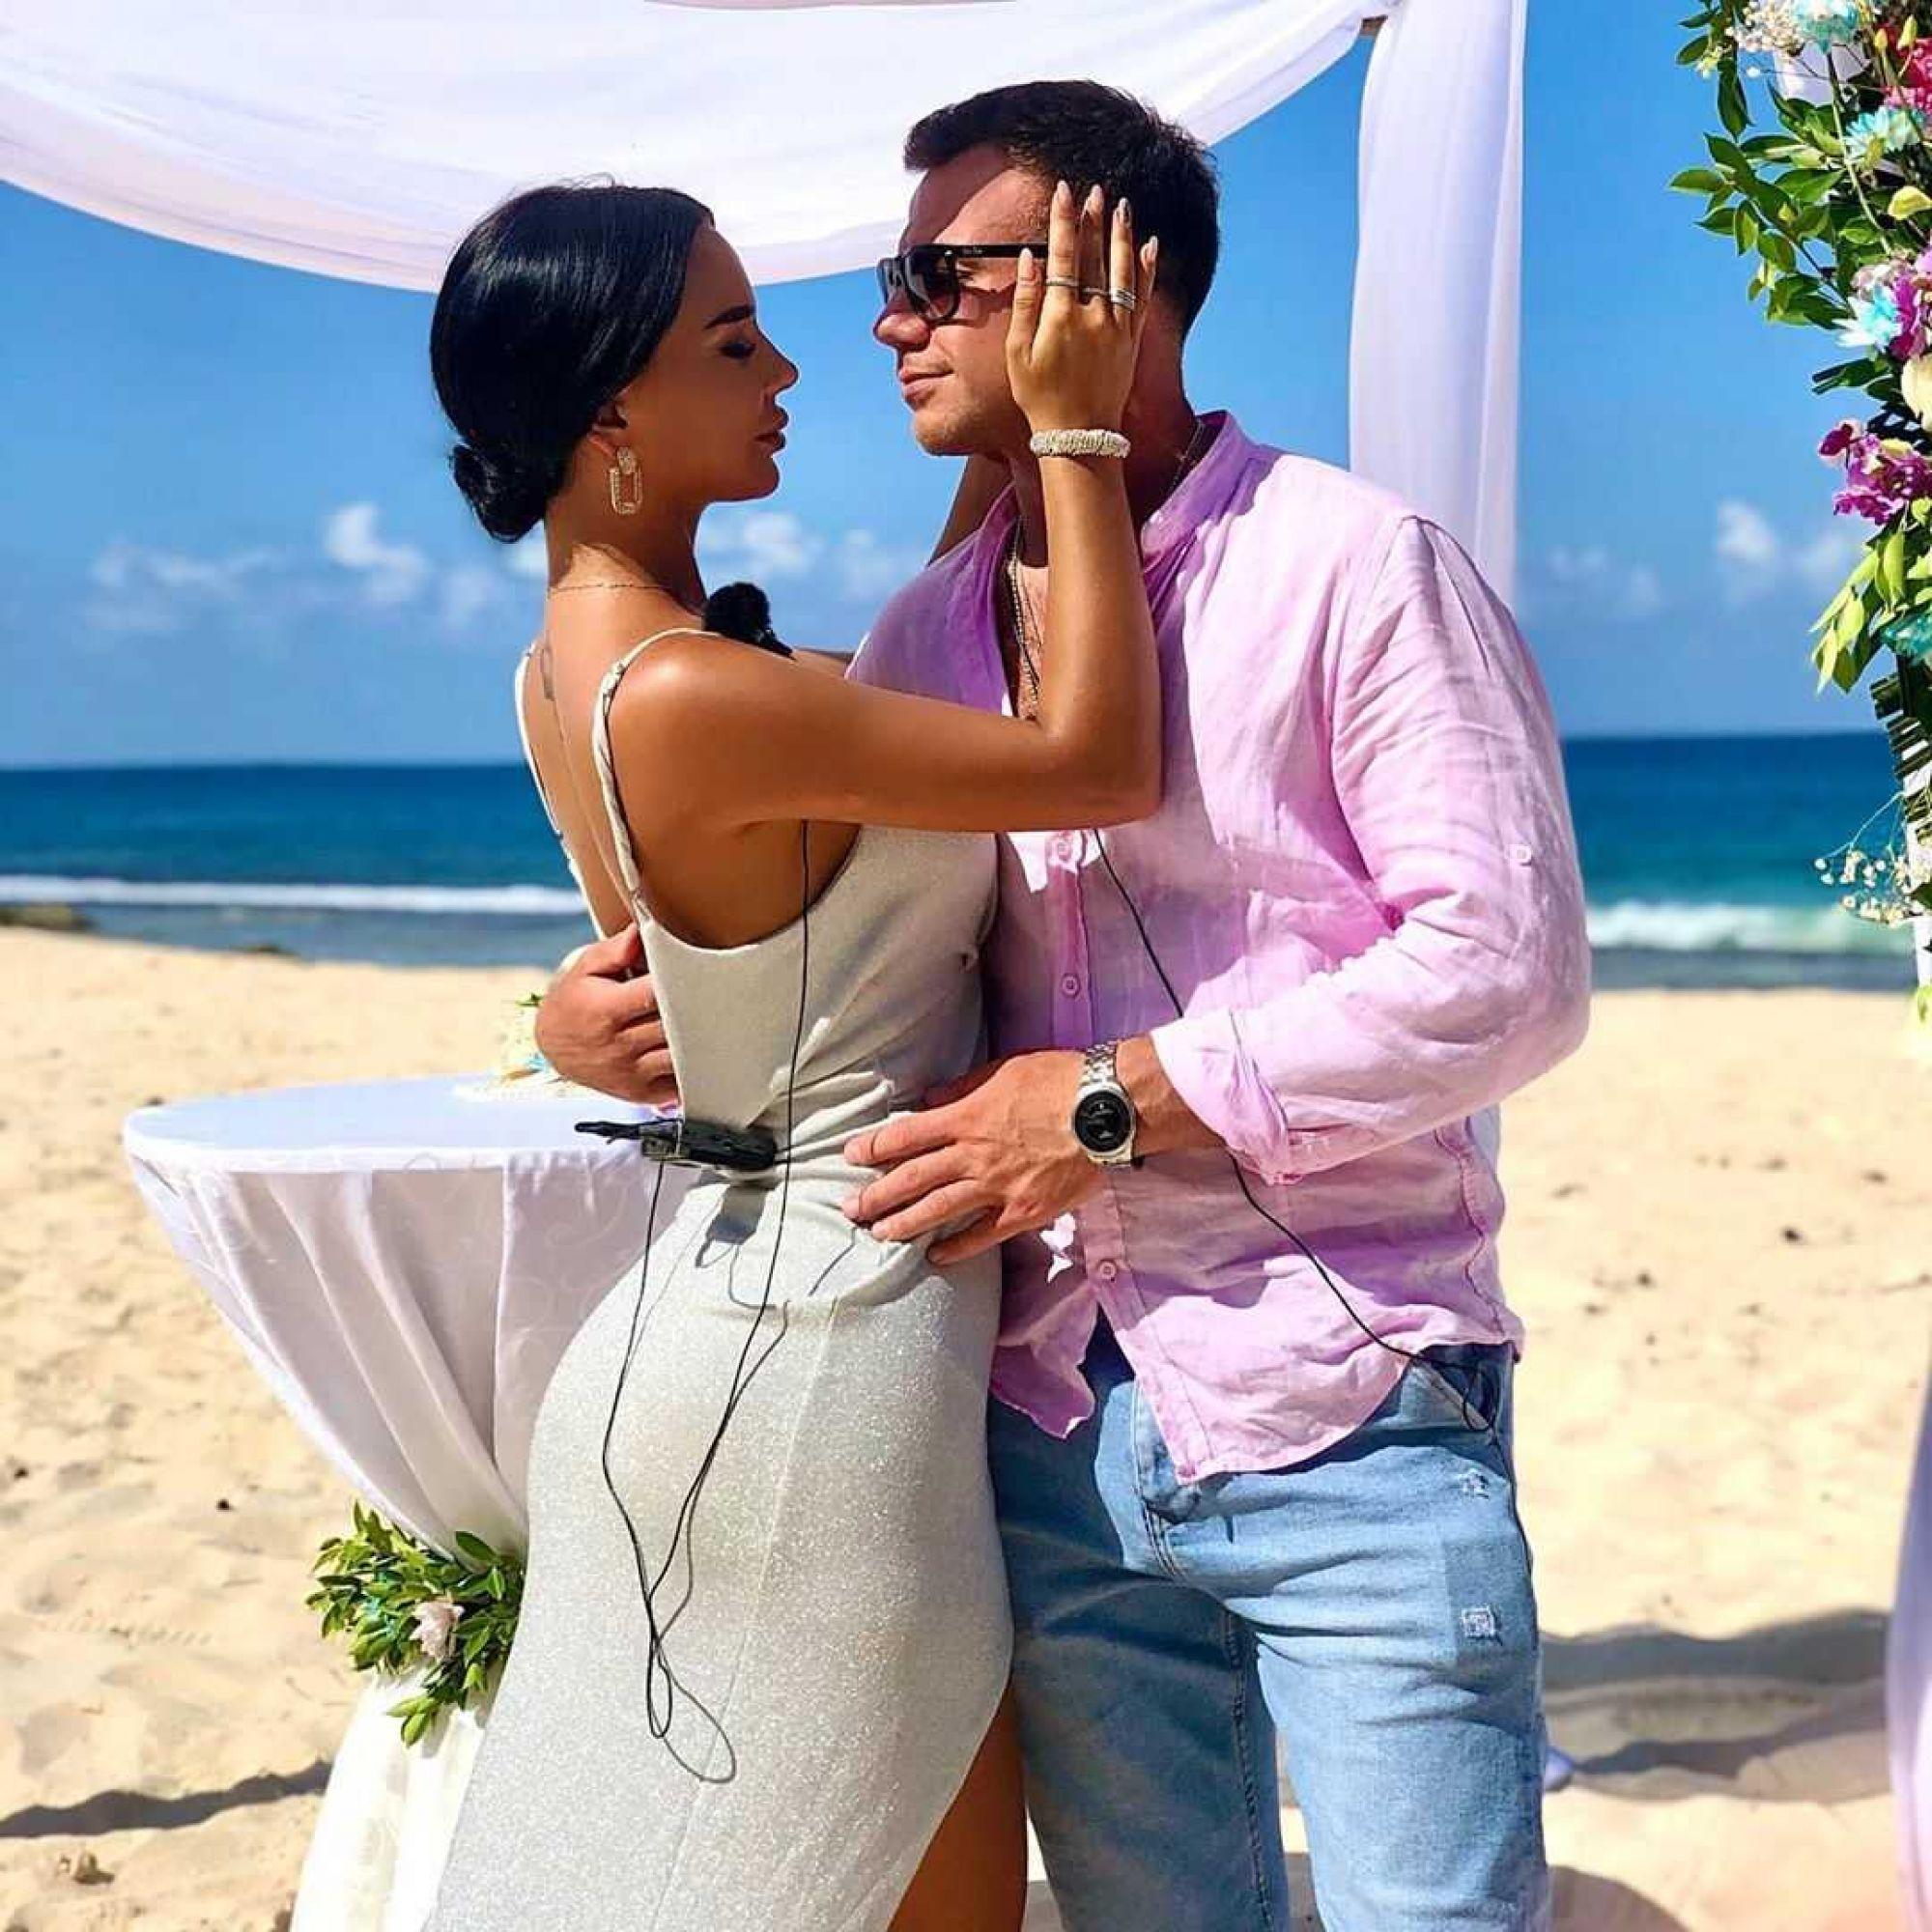 «Моя жена!»: Звезды телепроекта «Дом-2» сыграли свадьбу